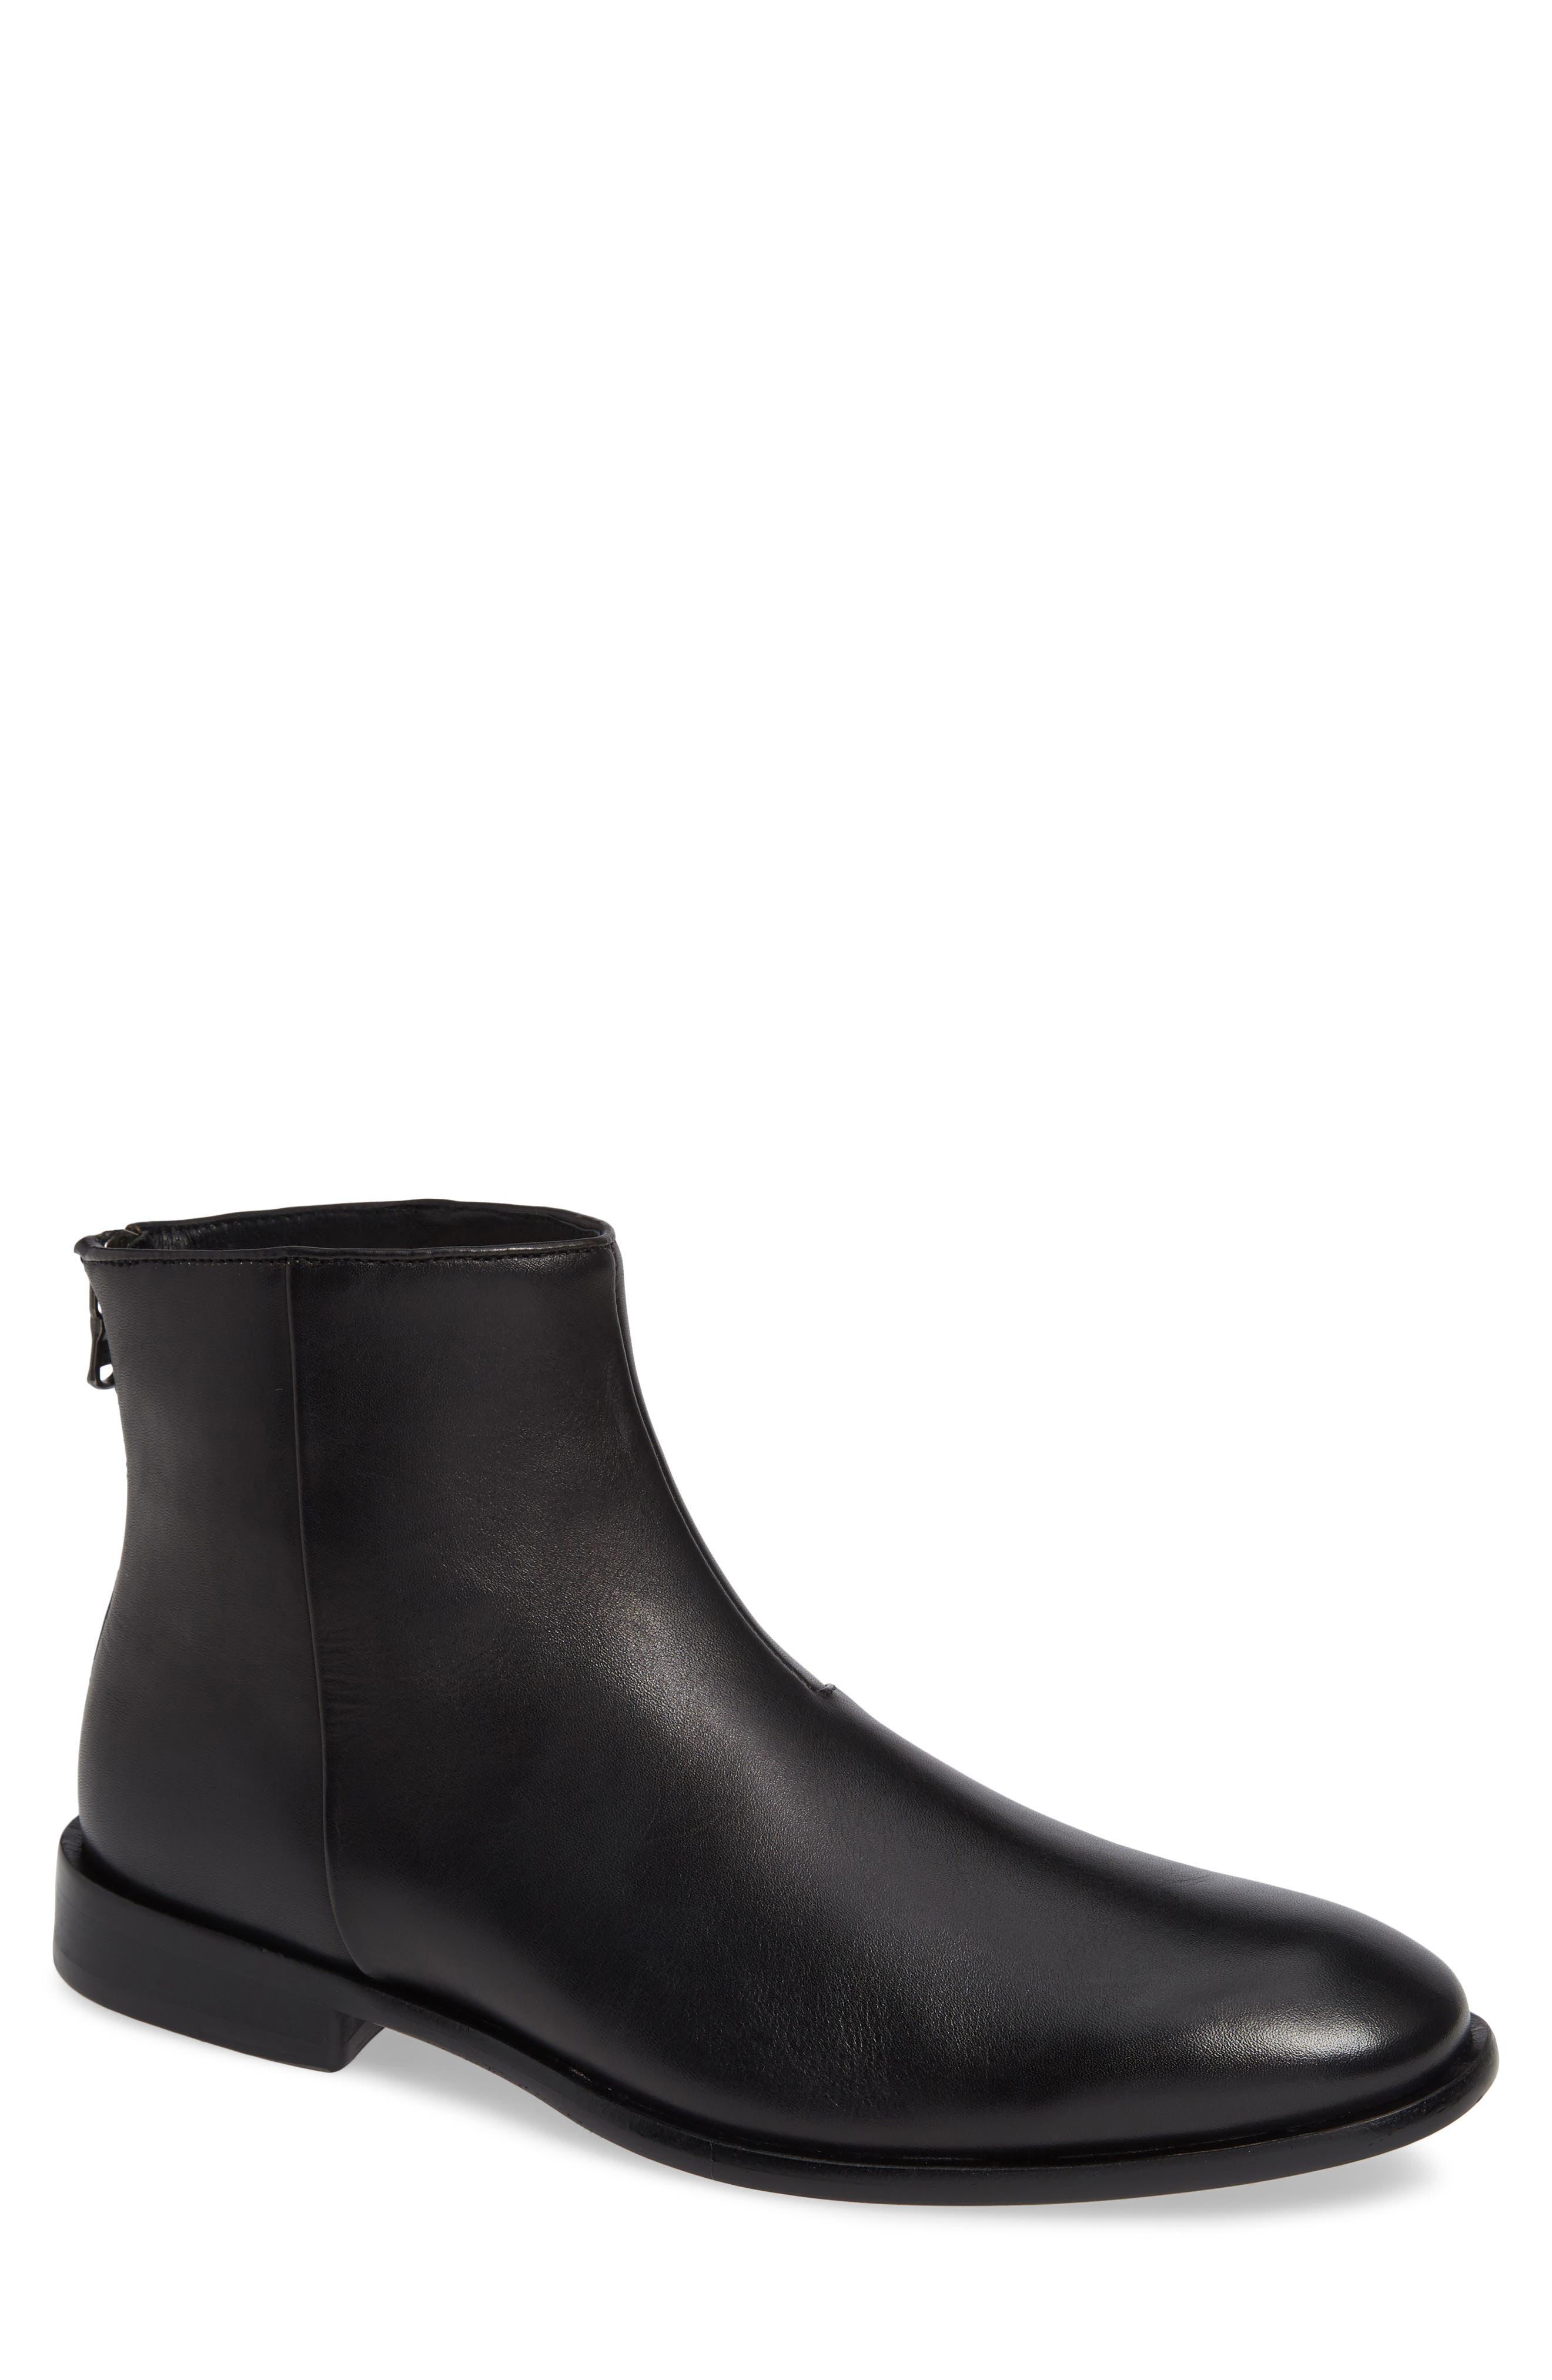 John Varvatos Star Usa Nyc Back Zip Boot, Black